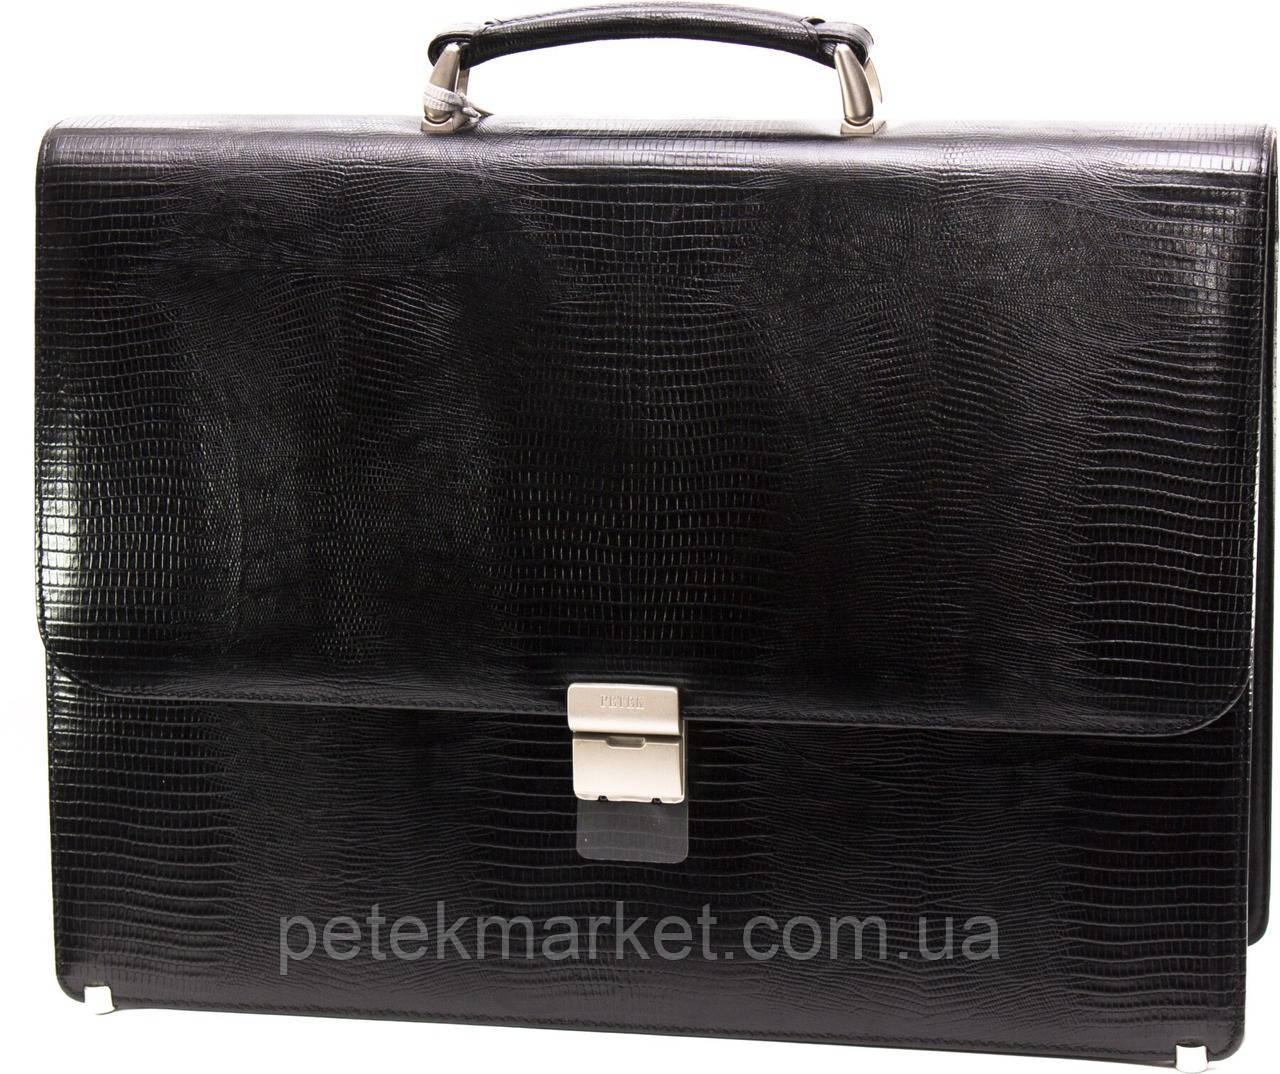 Кожаный портфель Petek 875